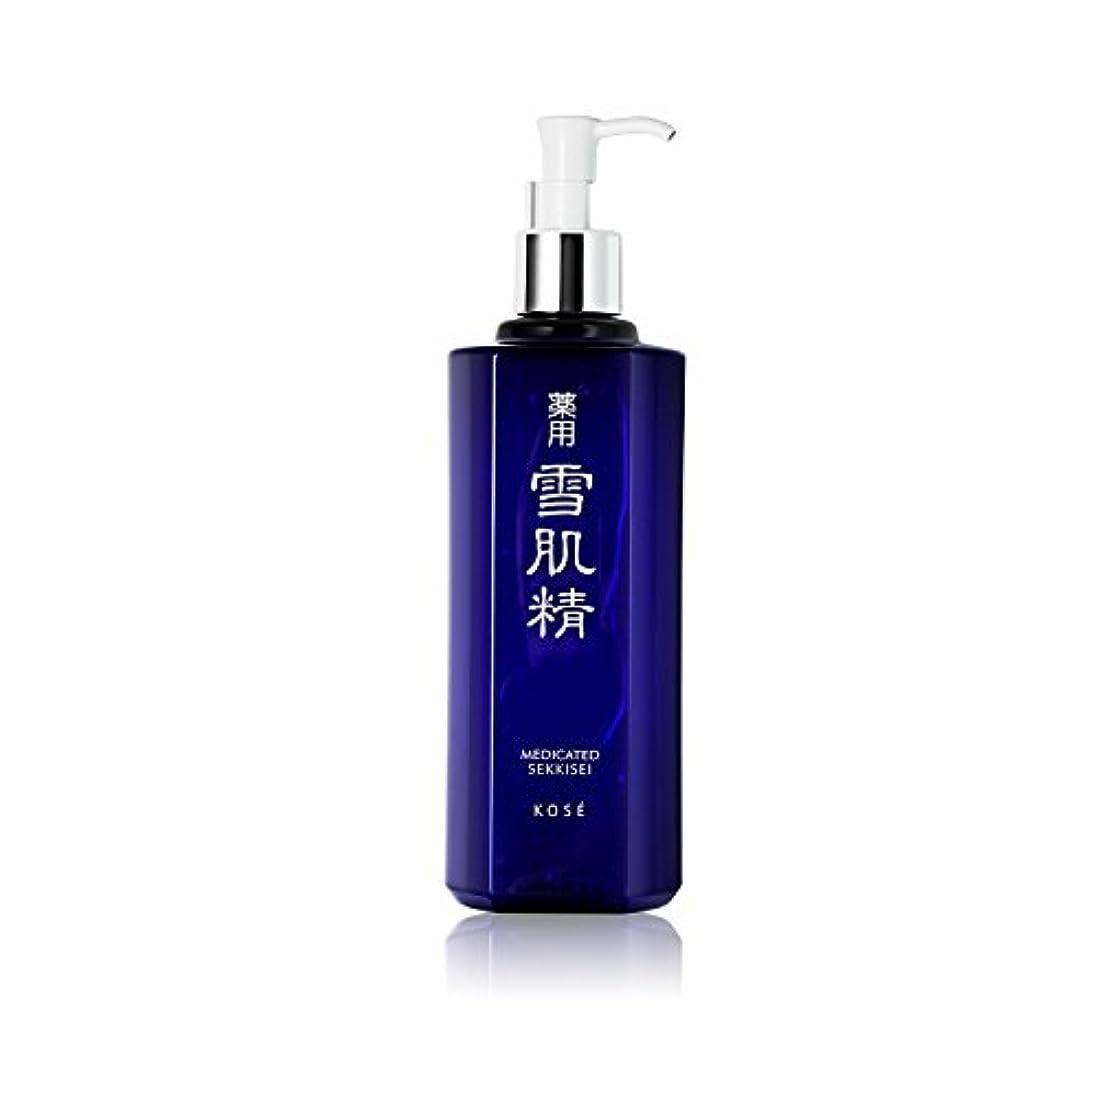 ヨーグルト筋オリエンタル【コーセー】薬用雪肌精 スーパービッグボトル 500ml